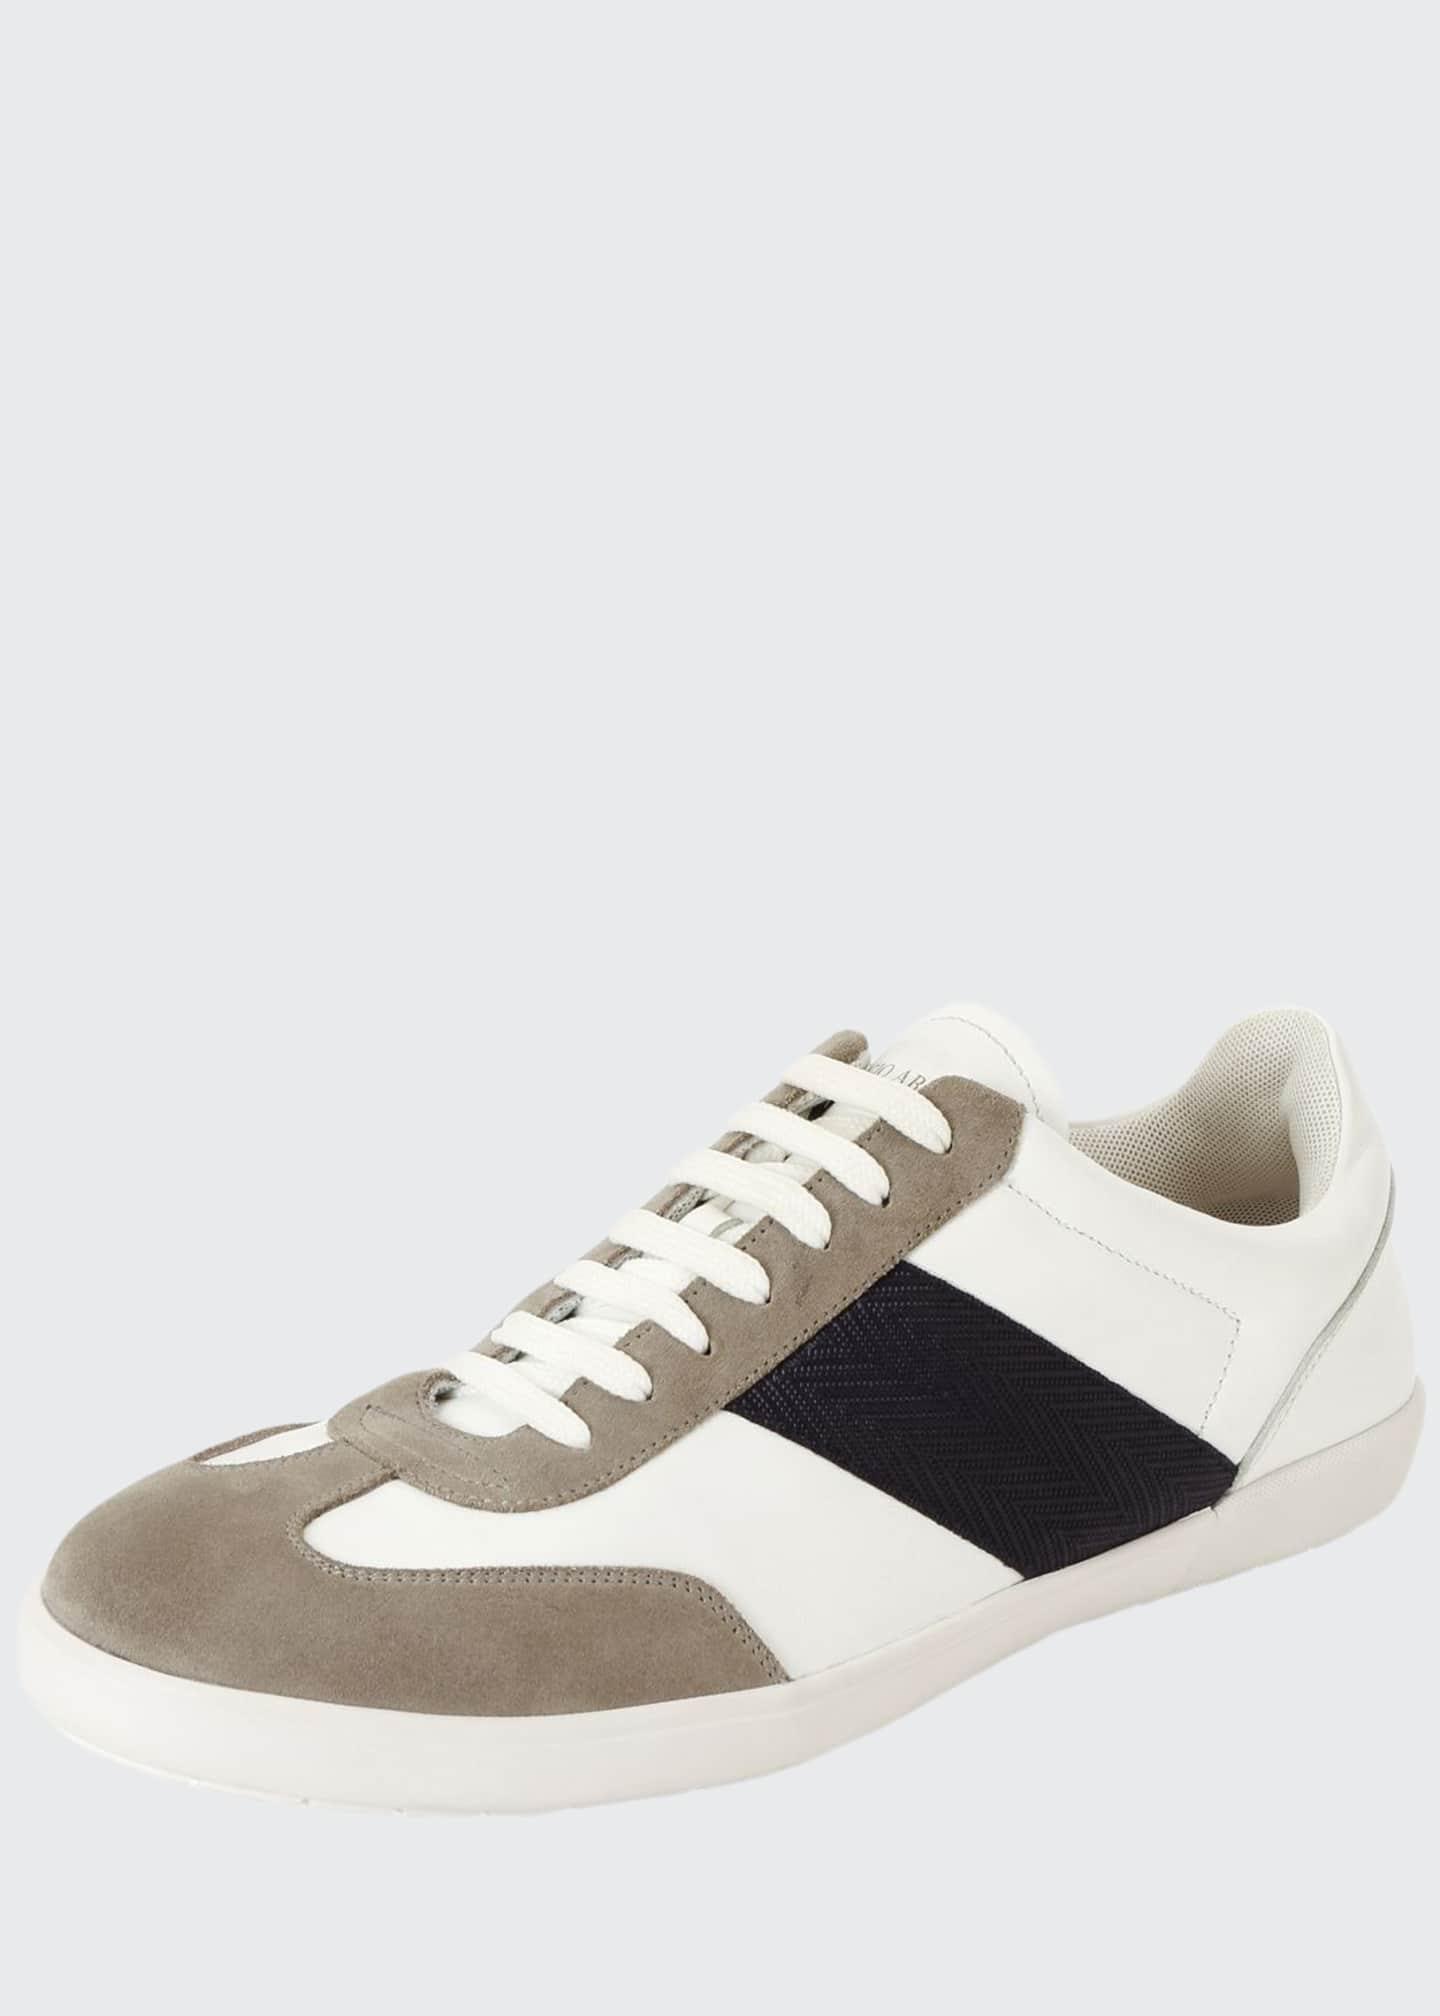 Giorgio Armani Men's Tricolor Low-Top Sneakers